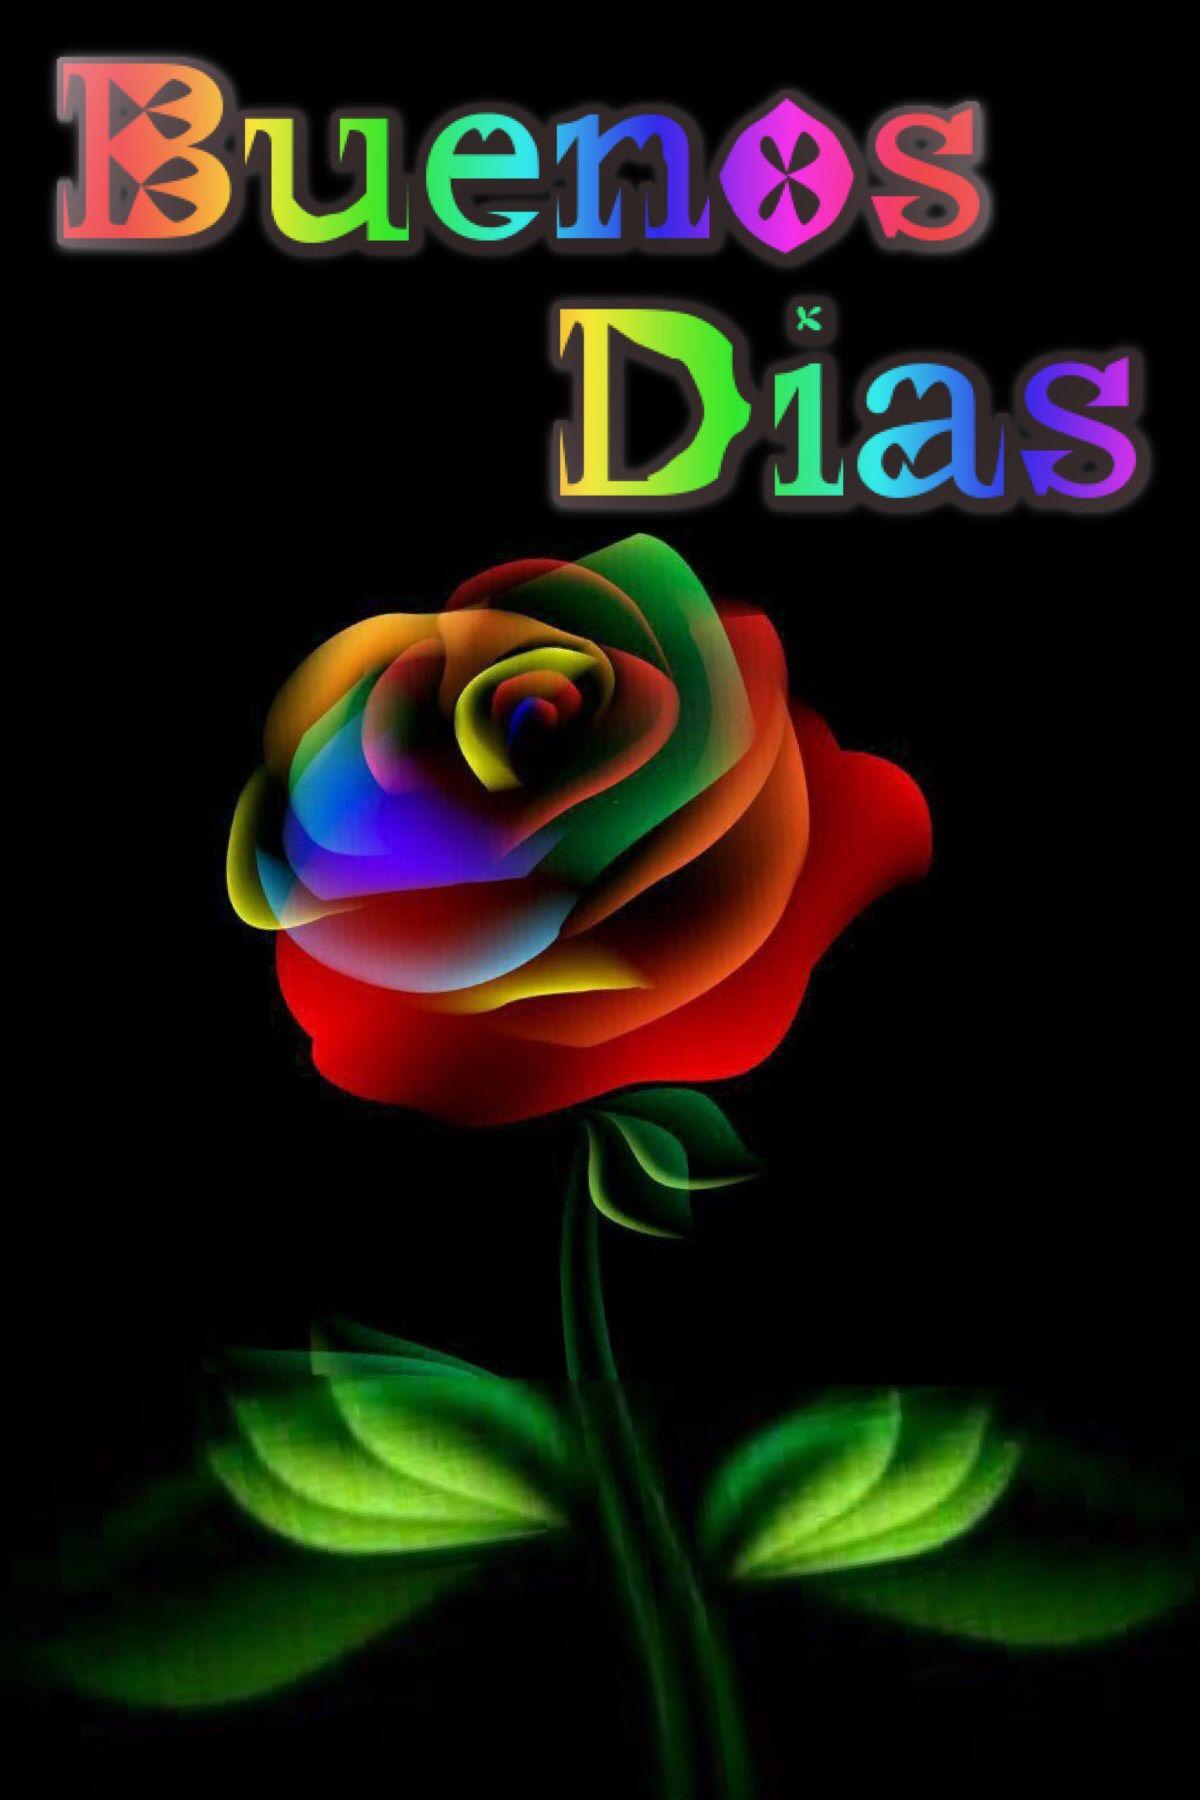 ༺♥༻* UN MUNDO DE COLORES ༺♥༻*  - Página 3 5d4be51a34f750935e1044f8321ec07f